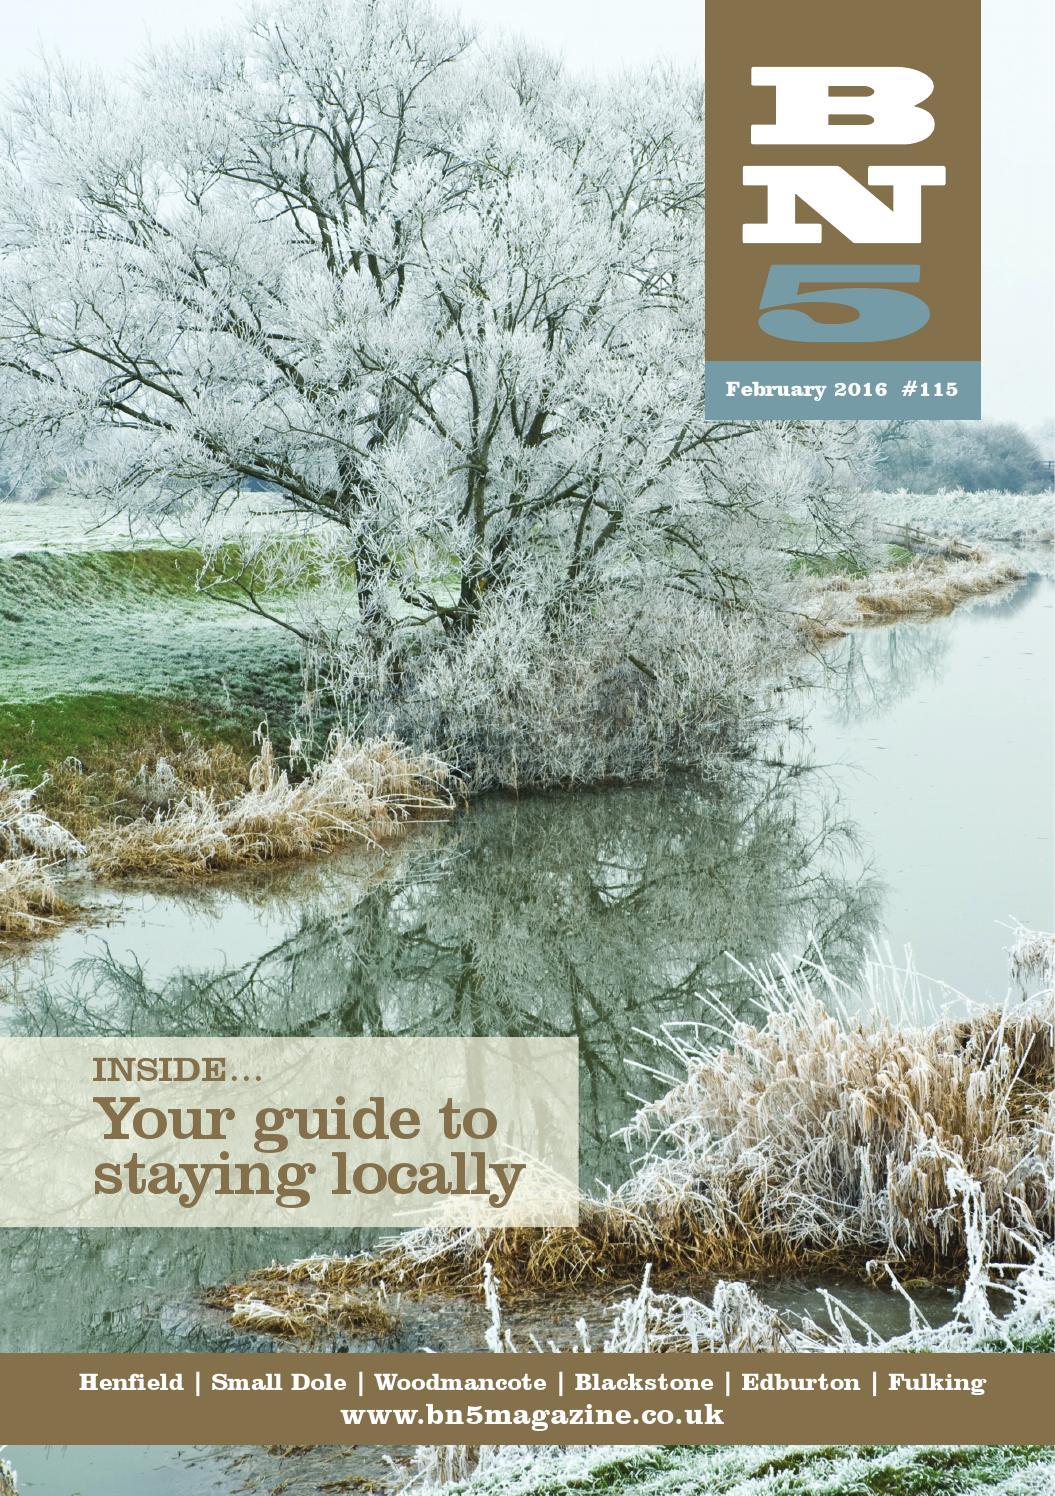 Garden Centre: BN5 February 16 By BN5 Magazine